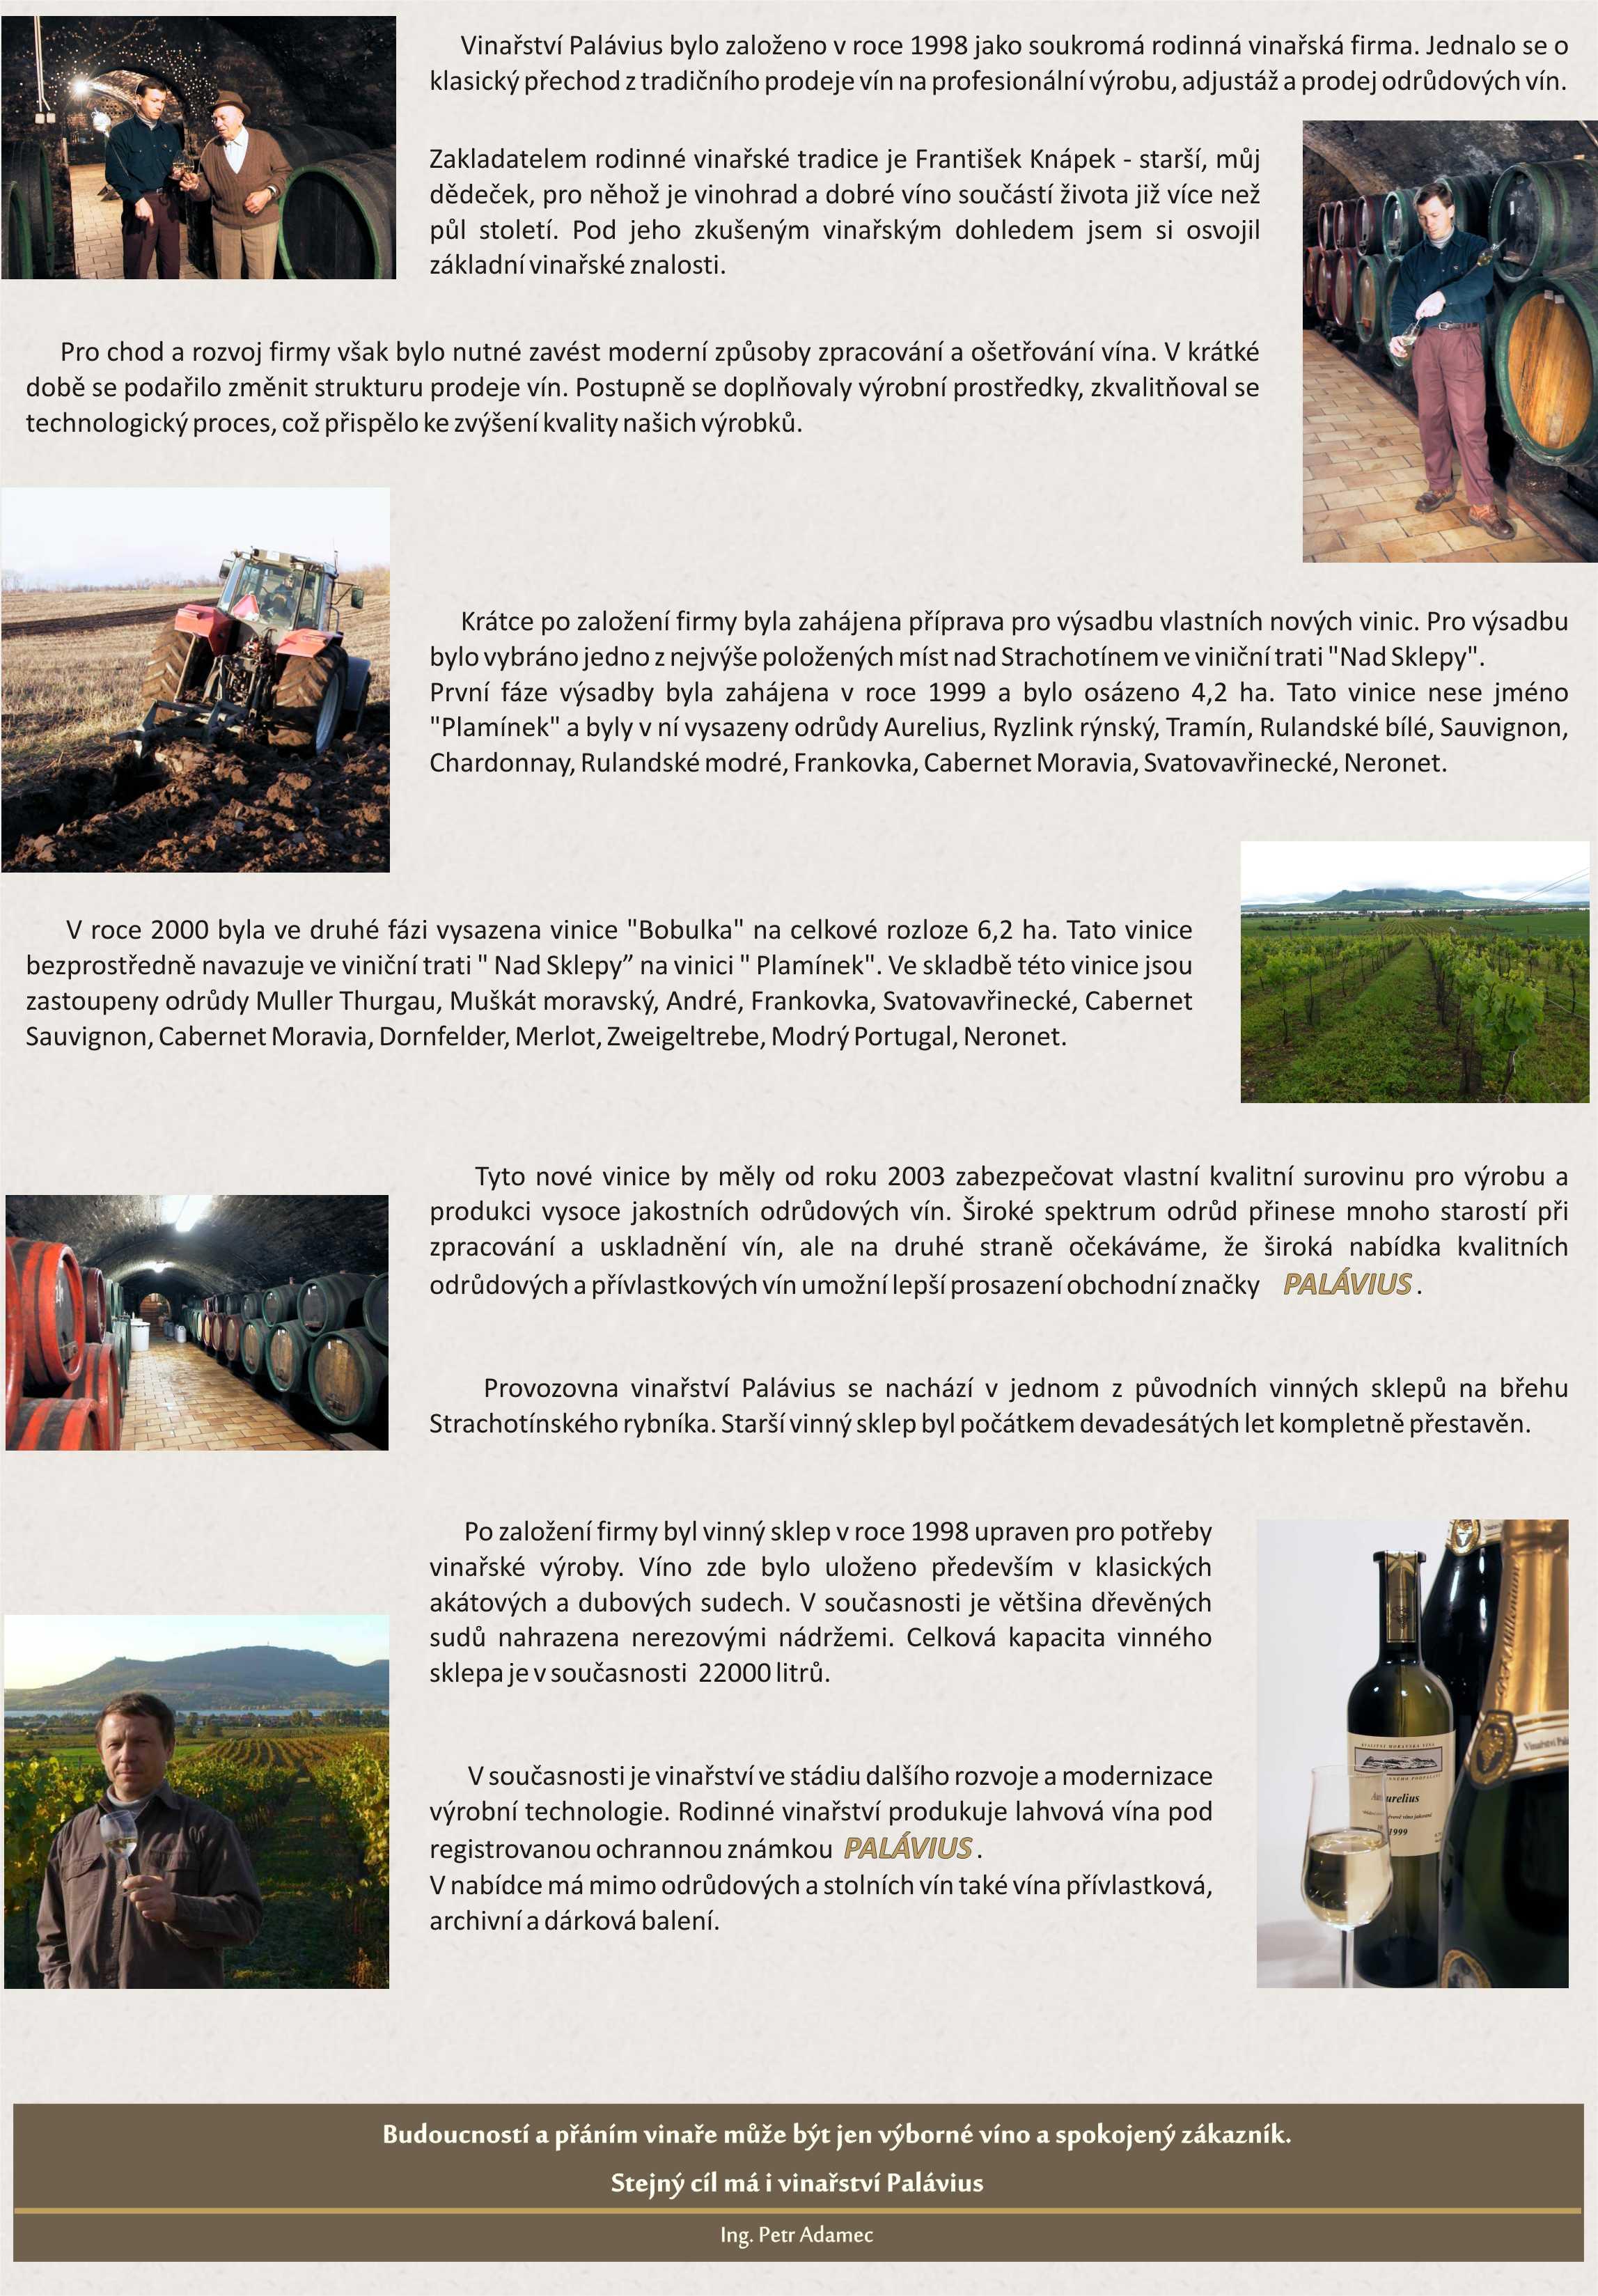 Historie vinařství-mramor JPG